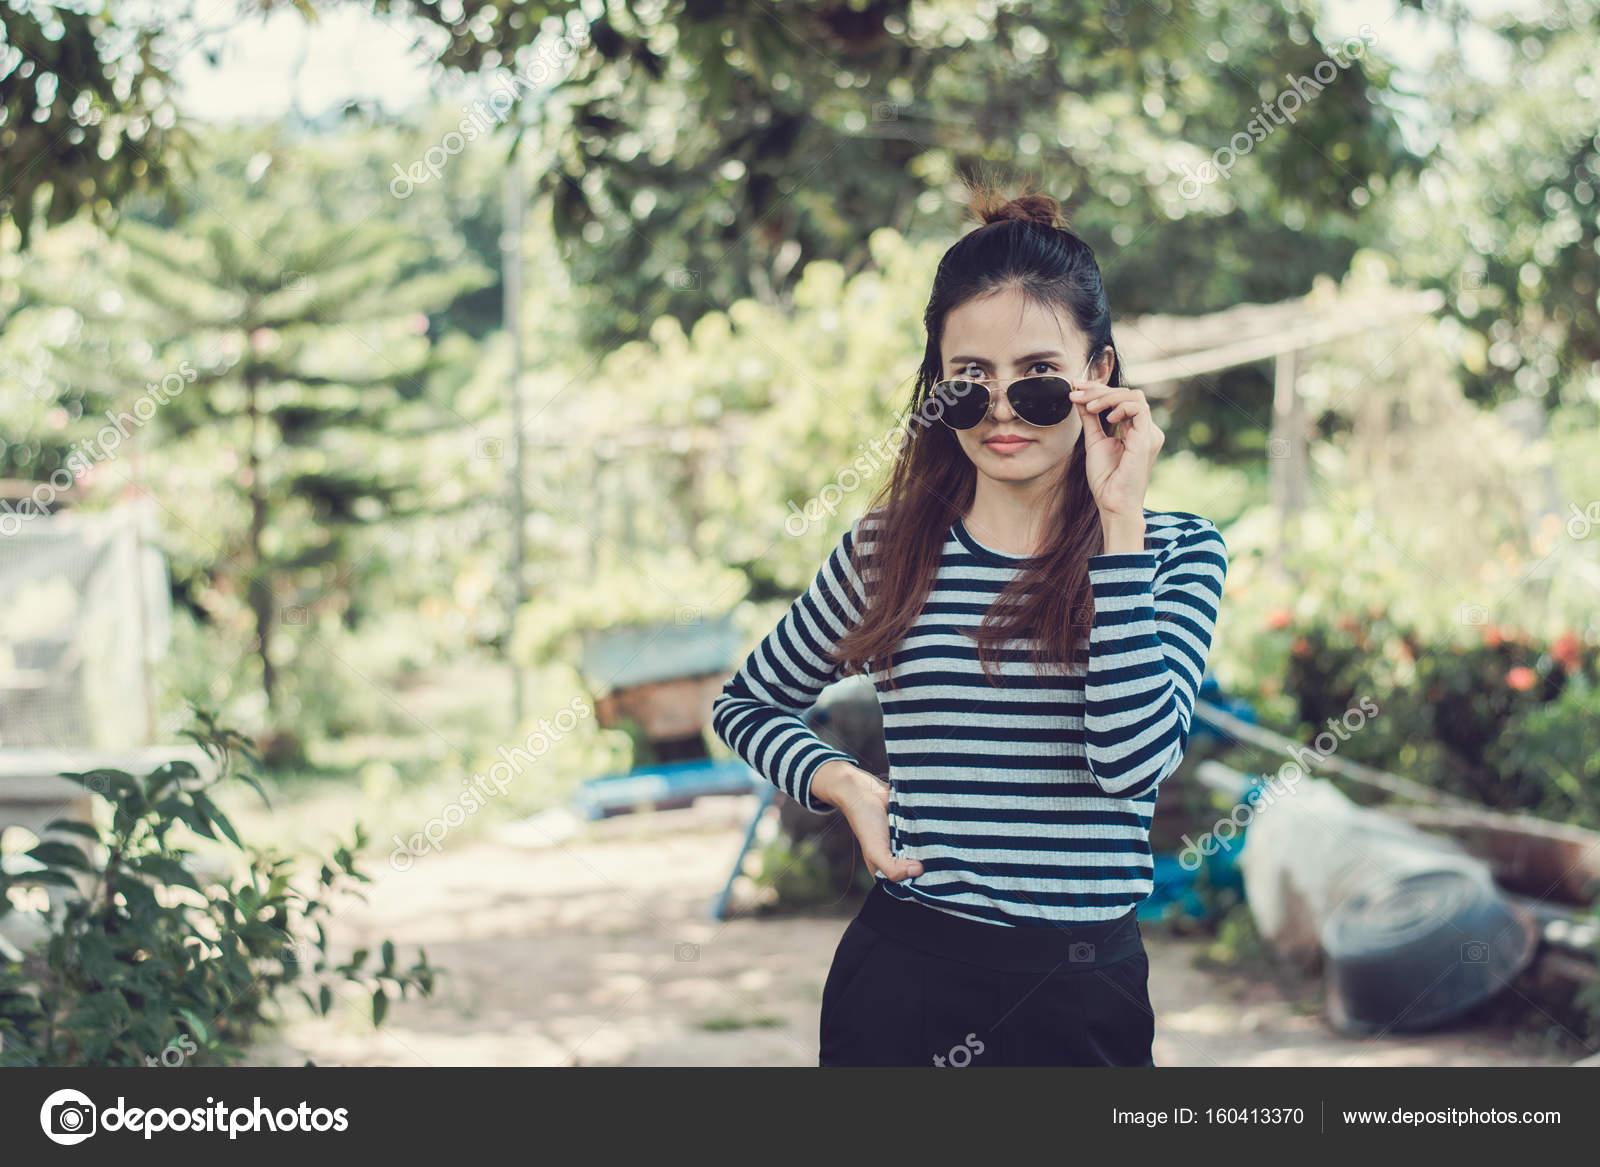 Avec Lunettes Fashion Hipster Soleil Style Concept De Femme yOP8nwvmN0